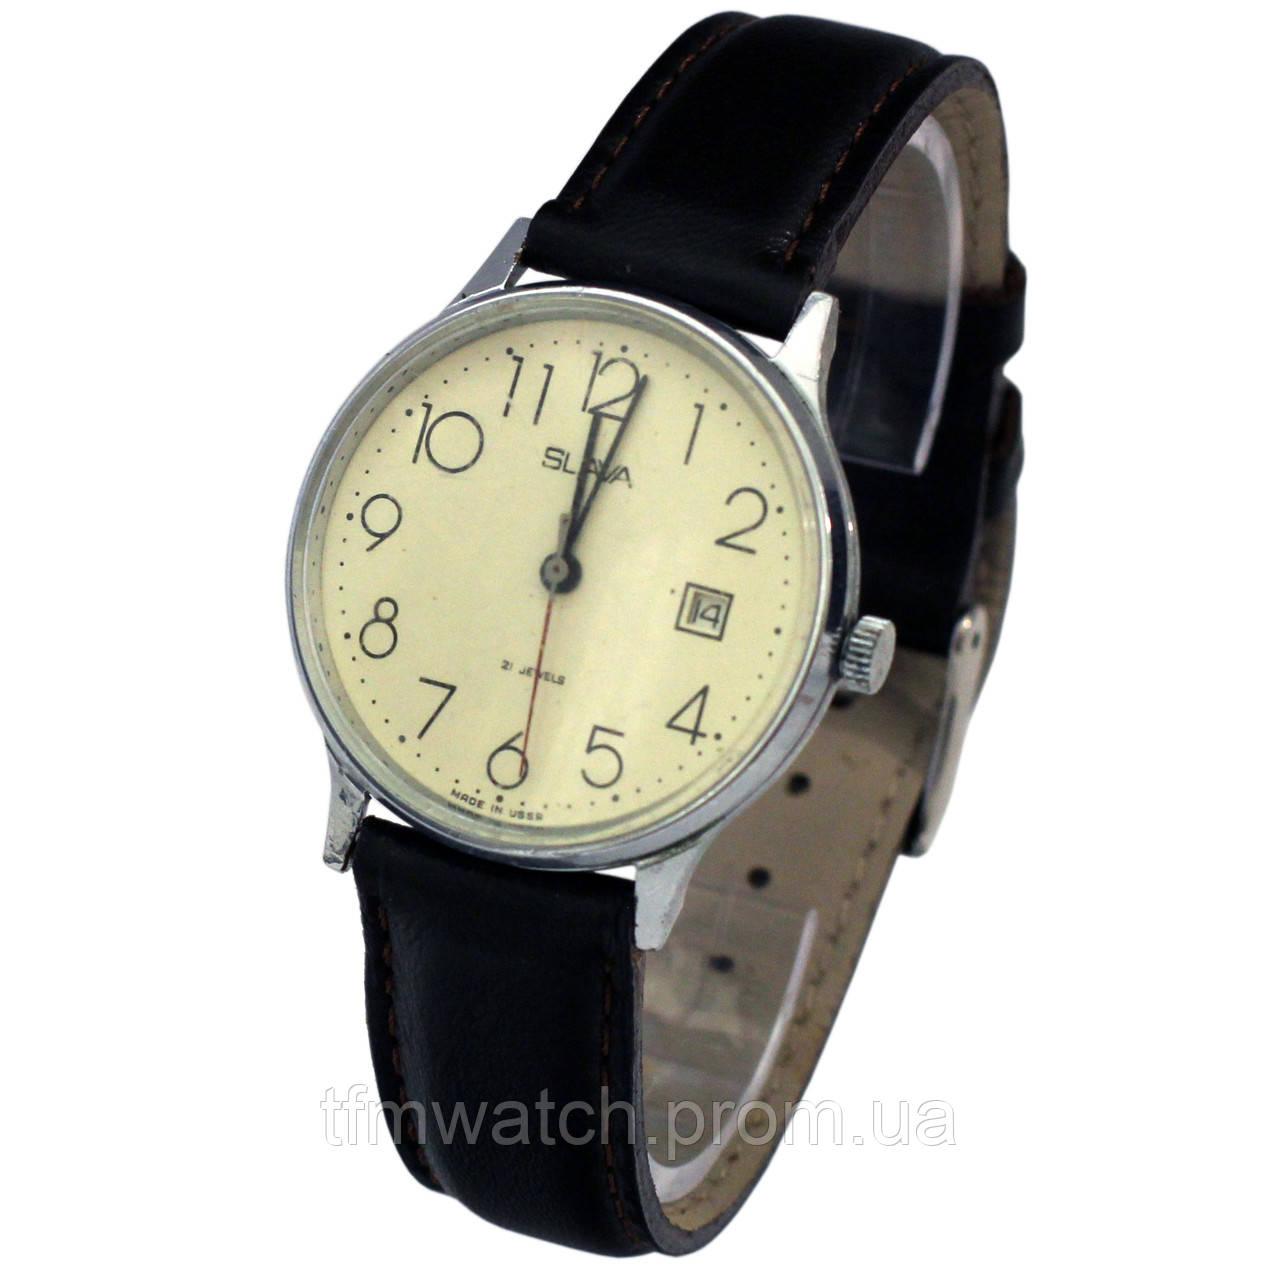 Часы слава 21 камень  продажа, цена в Москве. часы наручные и ... 9443343f4e6